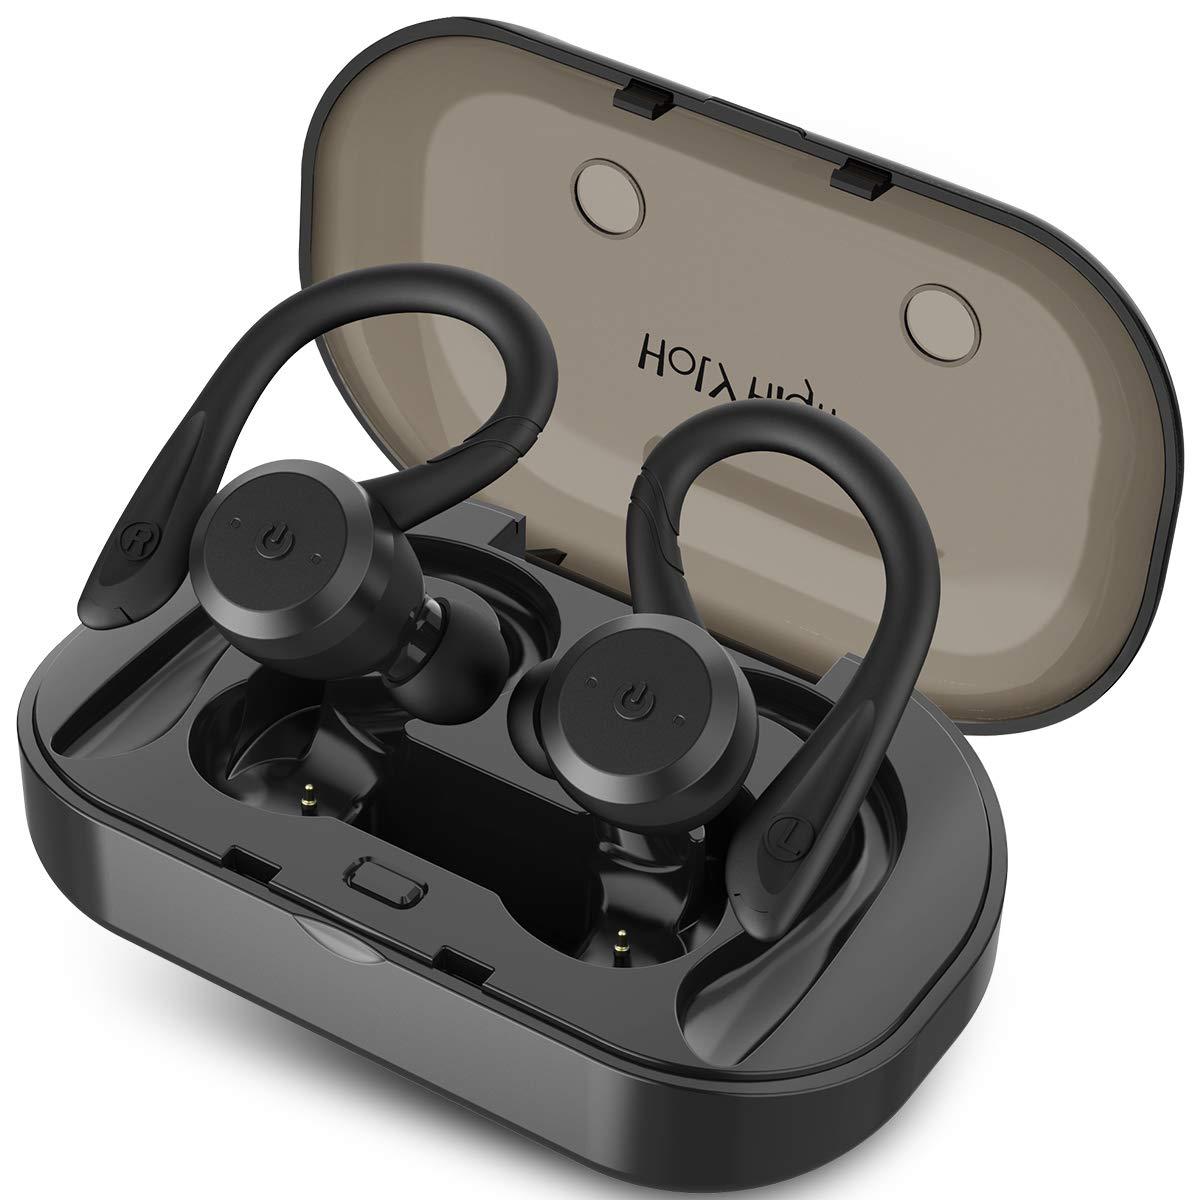 HolyHigh Bluetooth Waterproof Sweatproof Headphones